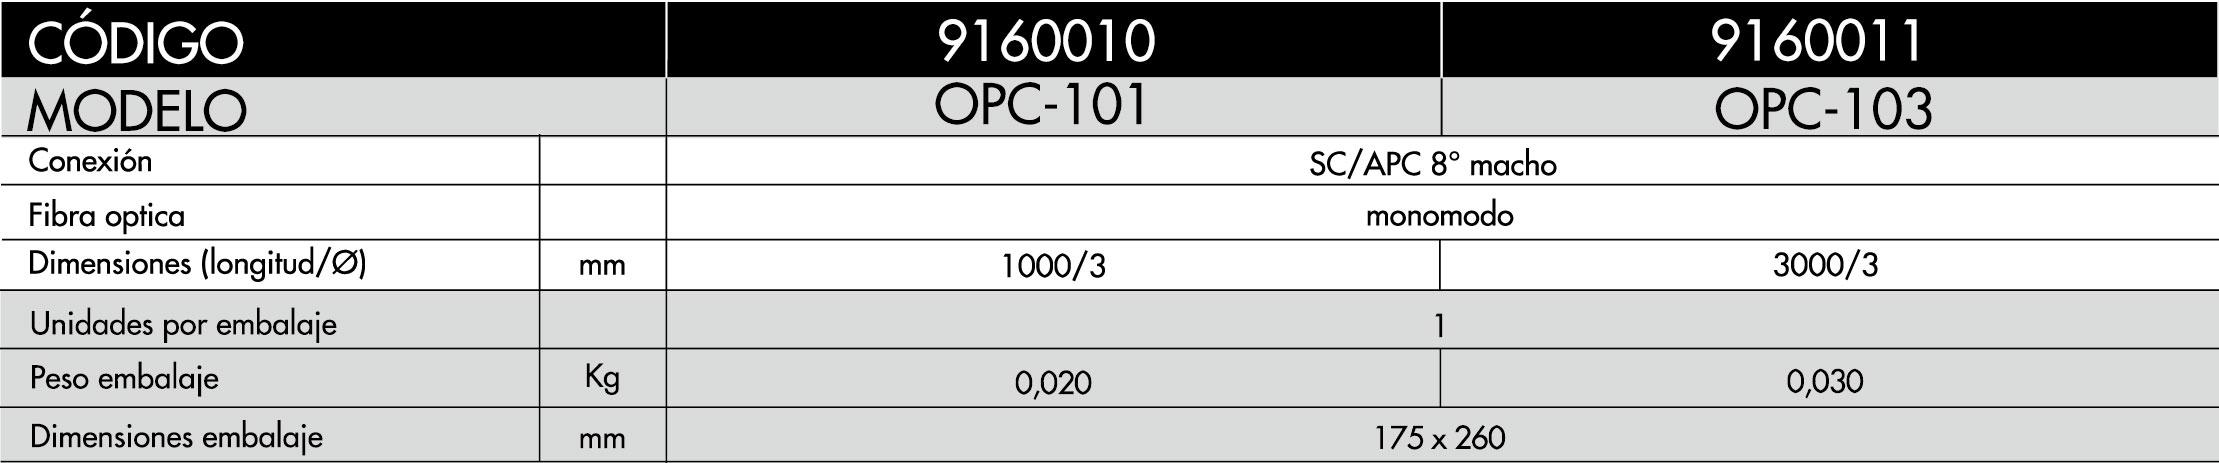 9160010-tablaES.jpg